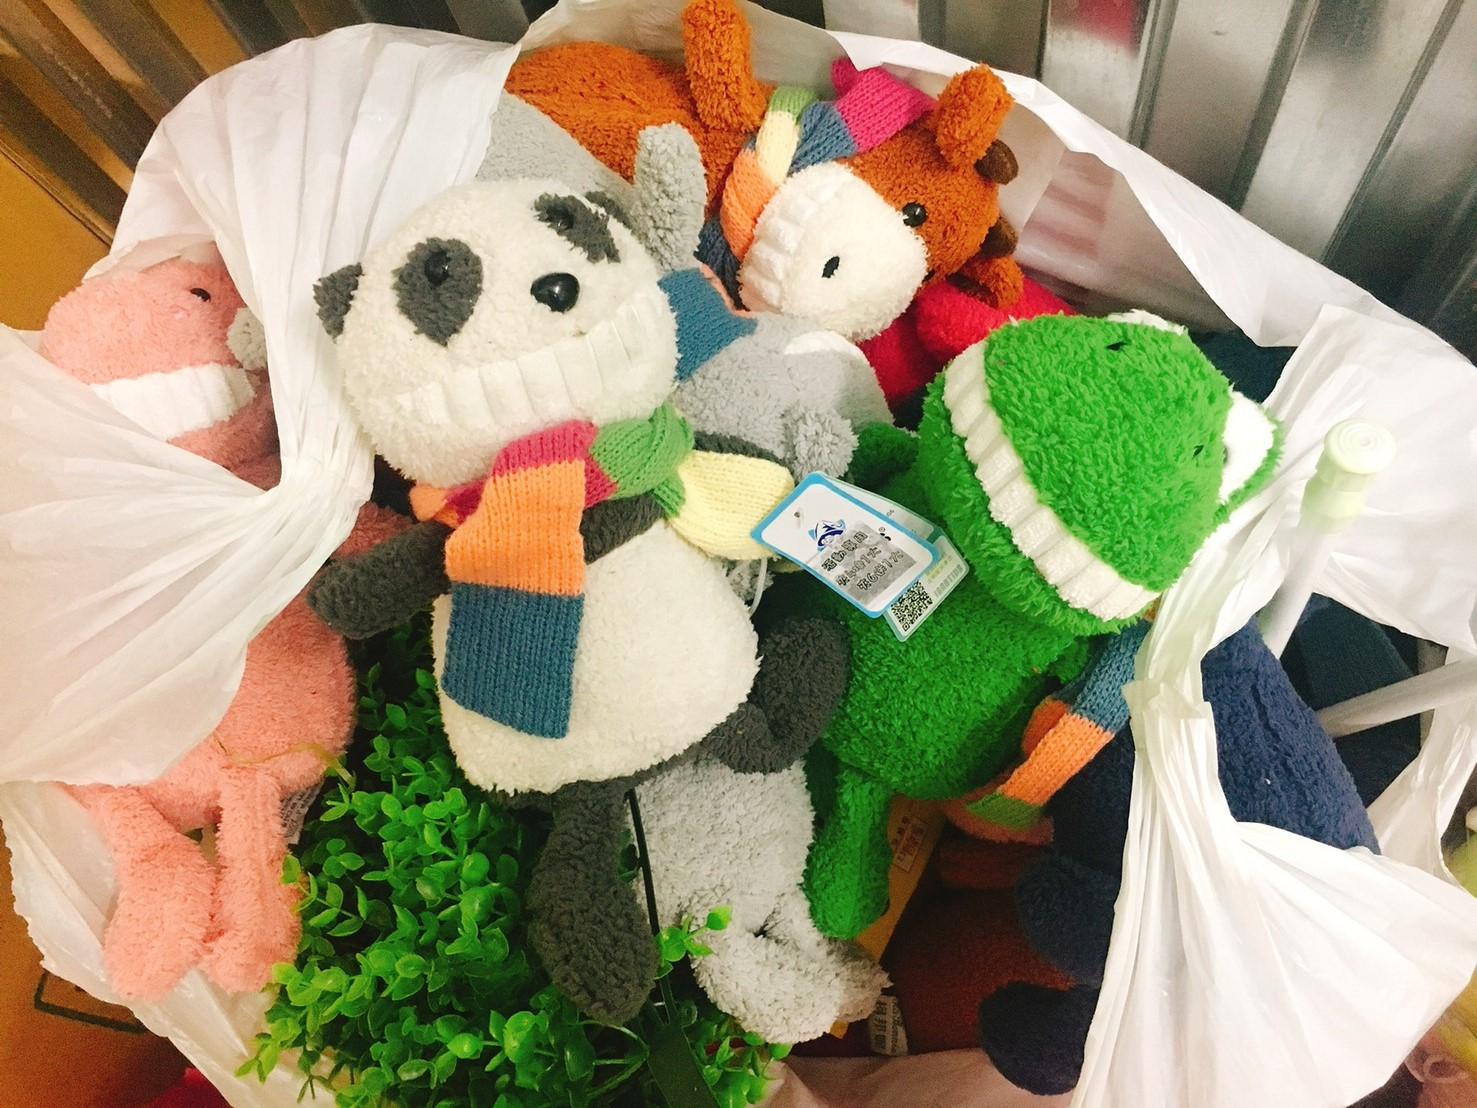 【板橋新埔倉庫】娃娃們的家/台主存貨放滿滿